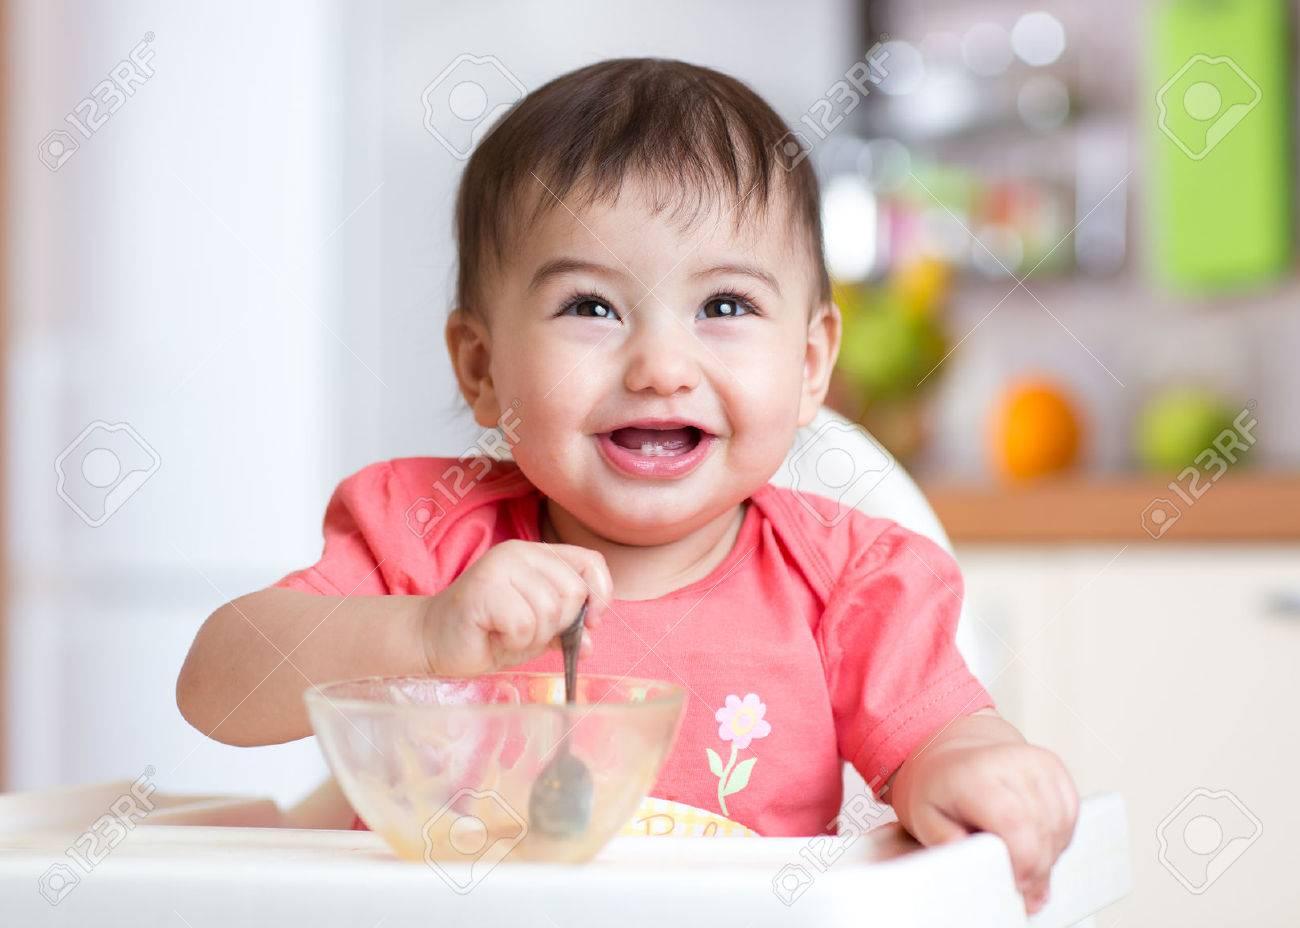 gai heureux aliments pour bébé enfant de manger lui-même avec une cuillère Banque d'images - 54306996